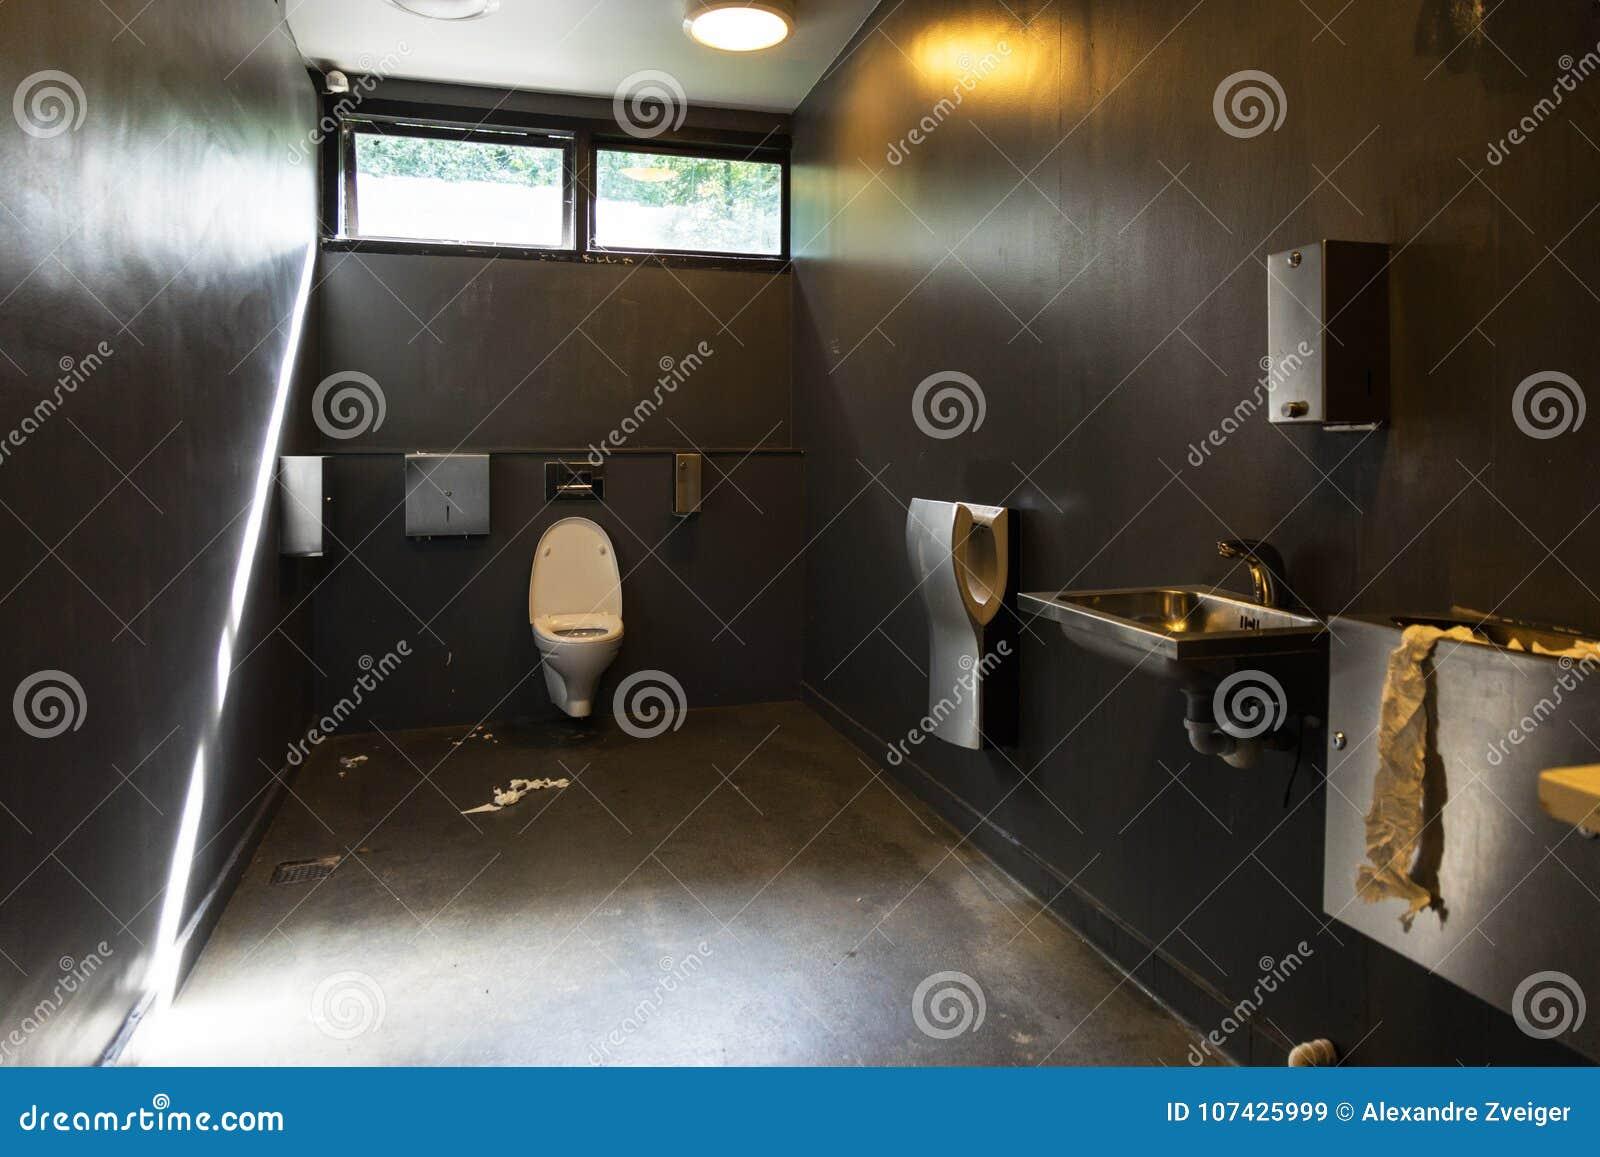 Schmutziges Badezimmer Browns Am Autogrill Stockbild - Bild von ...